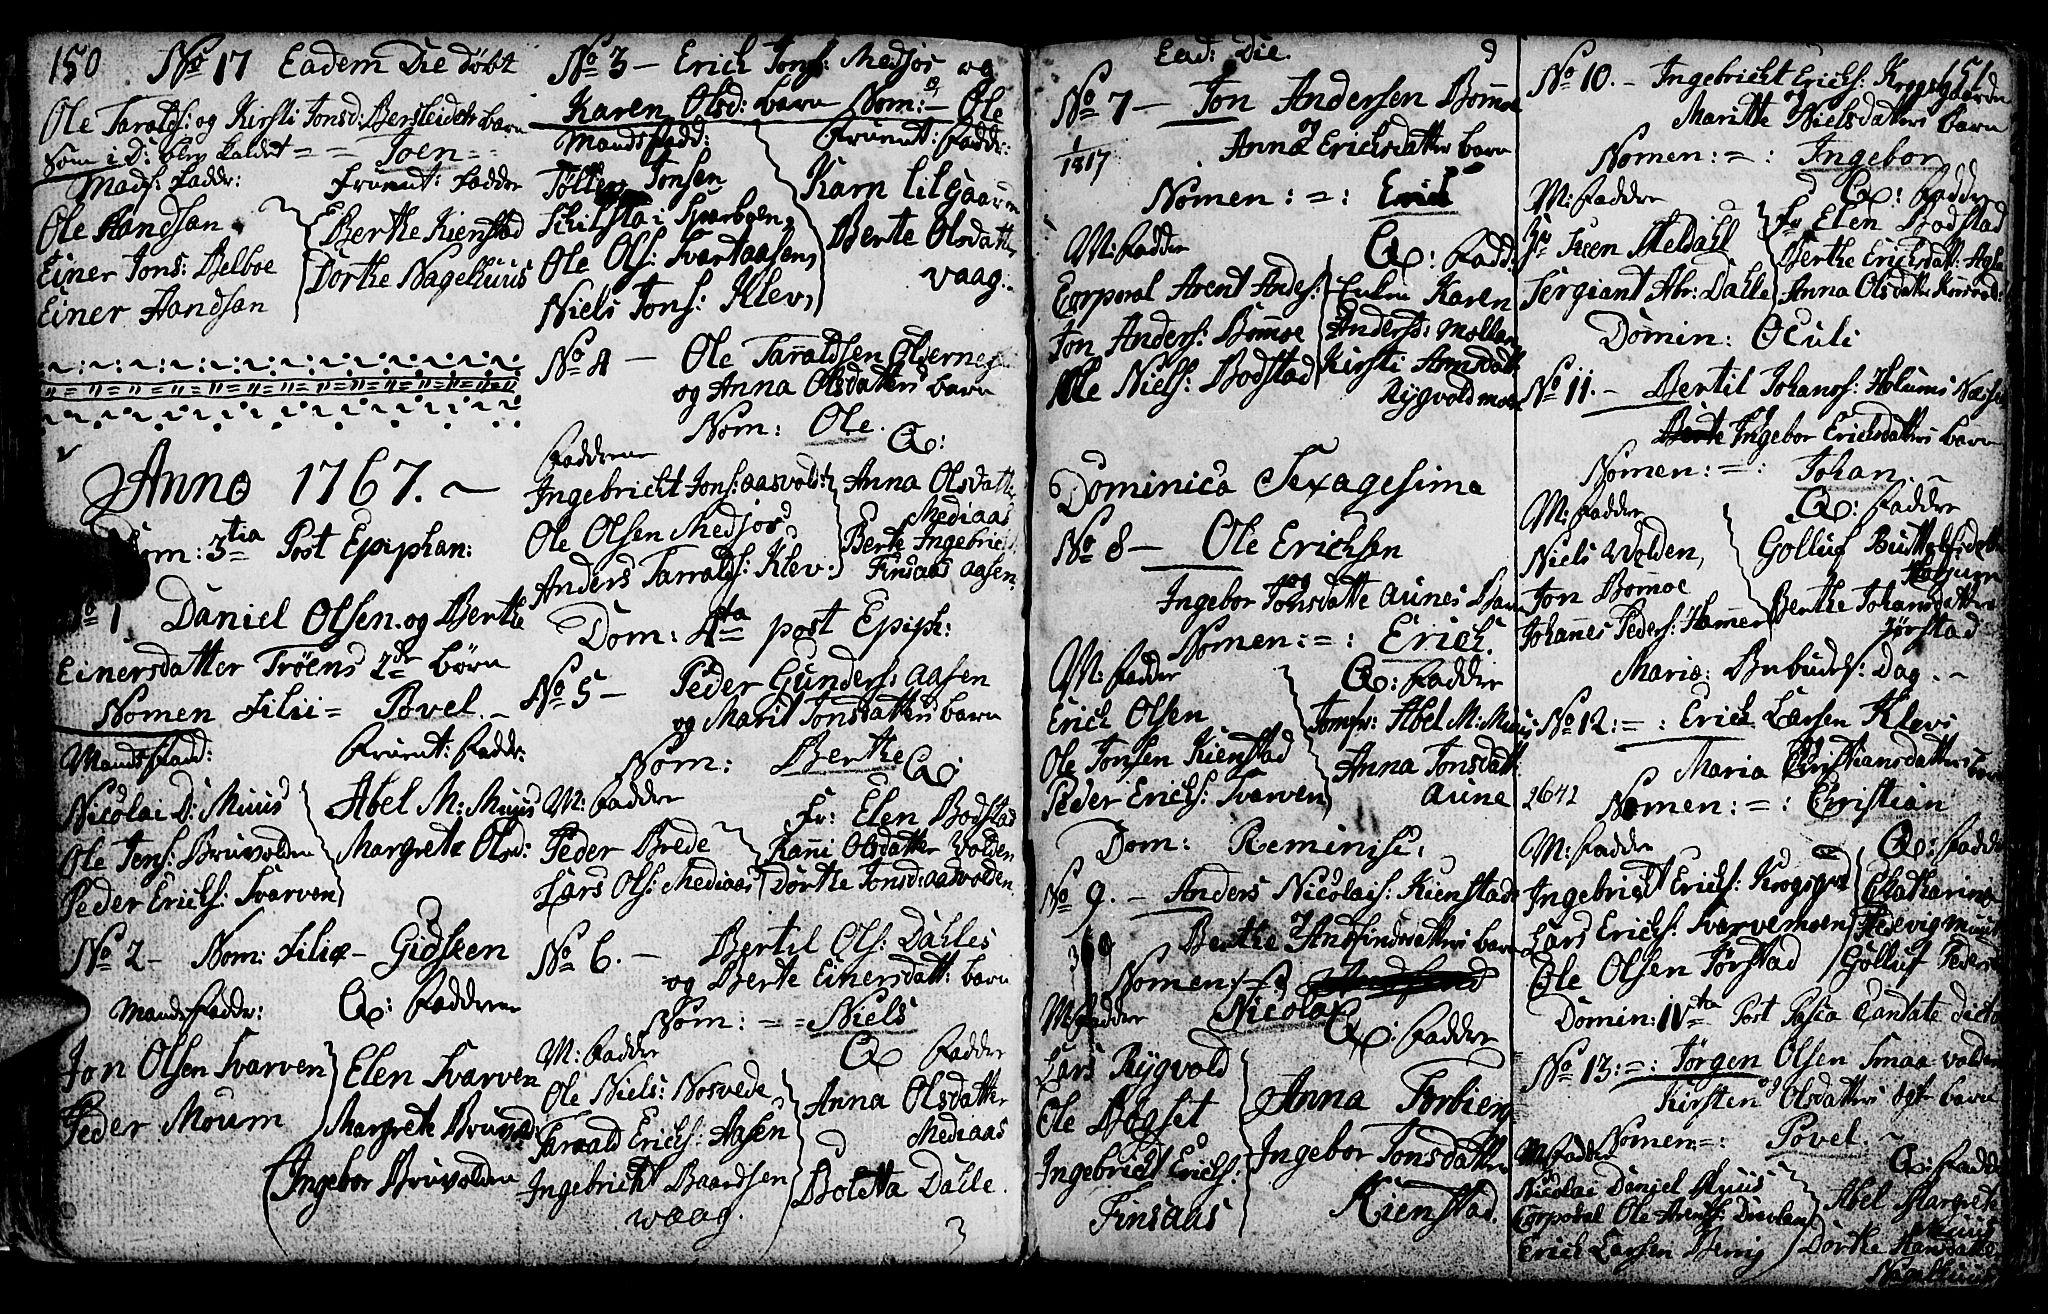 SAT, Ministerialprotokoller, klokkerbøker og fødselsregistre - Nord-Trøndelag, 749/L0467: Ministerialbok nr. 749A01, 1733-1787, s. 150-151